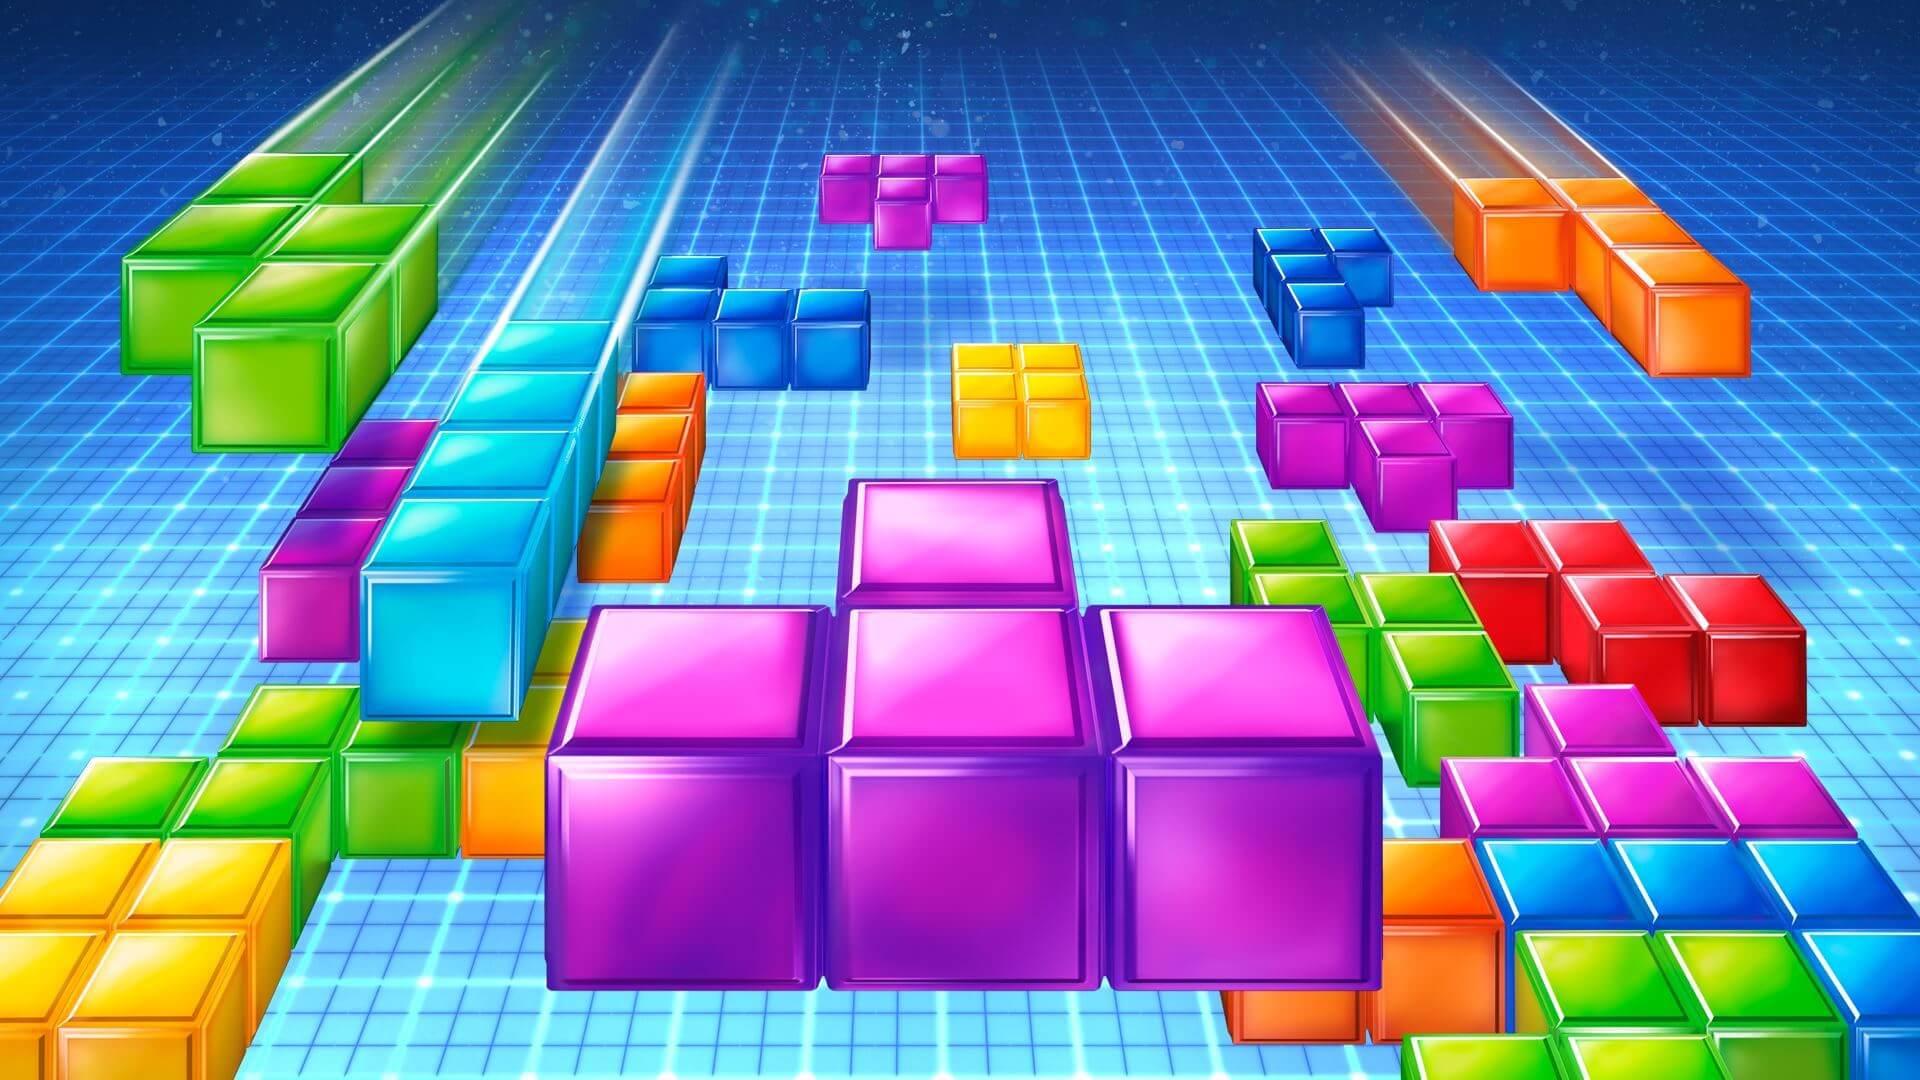 Jogue oito jogos clássicos através de extensões do Google Chrome